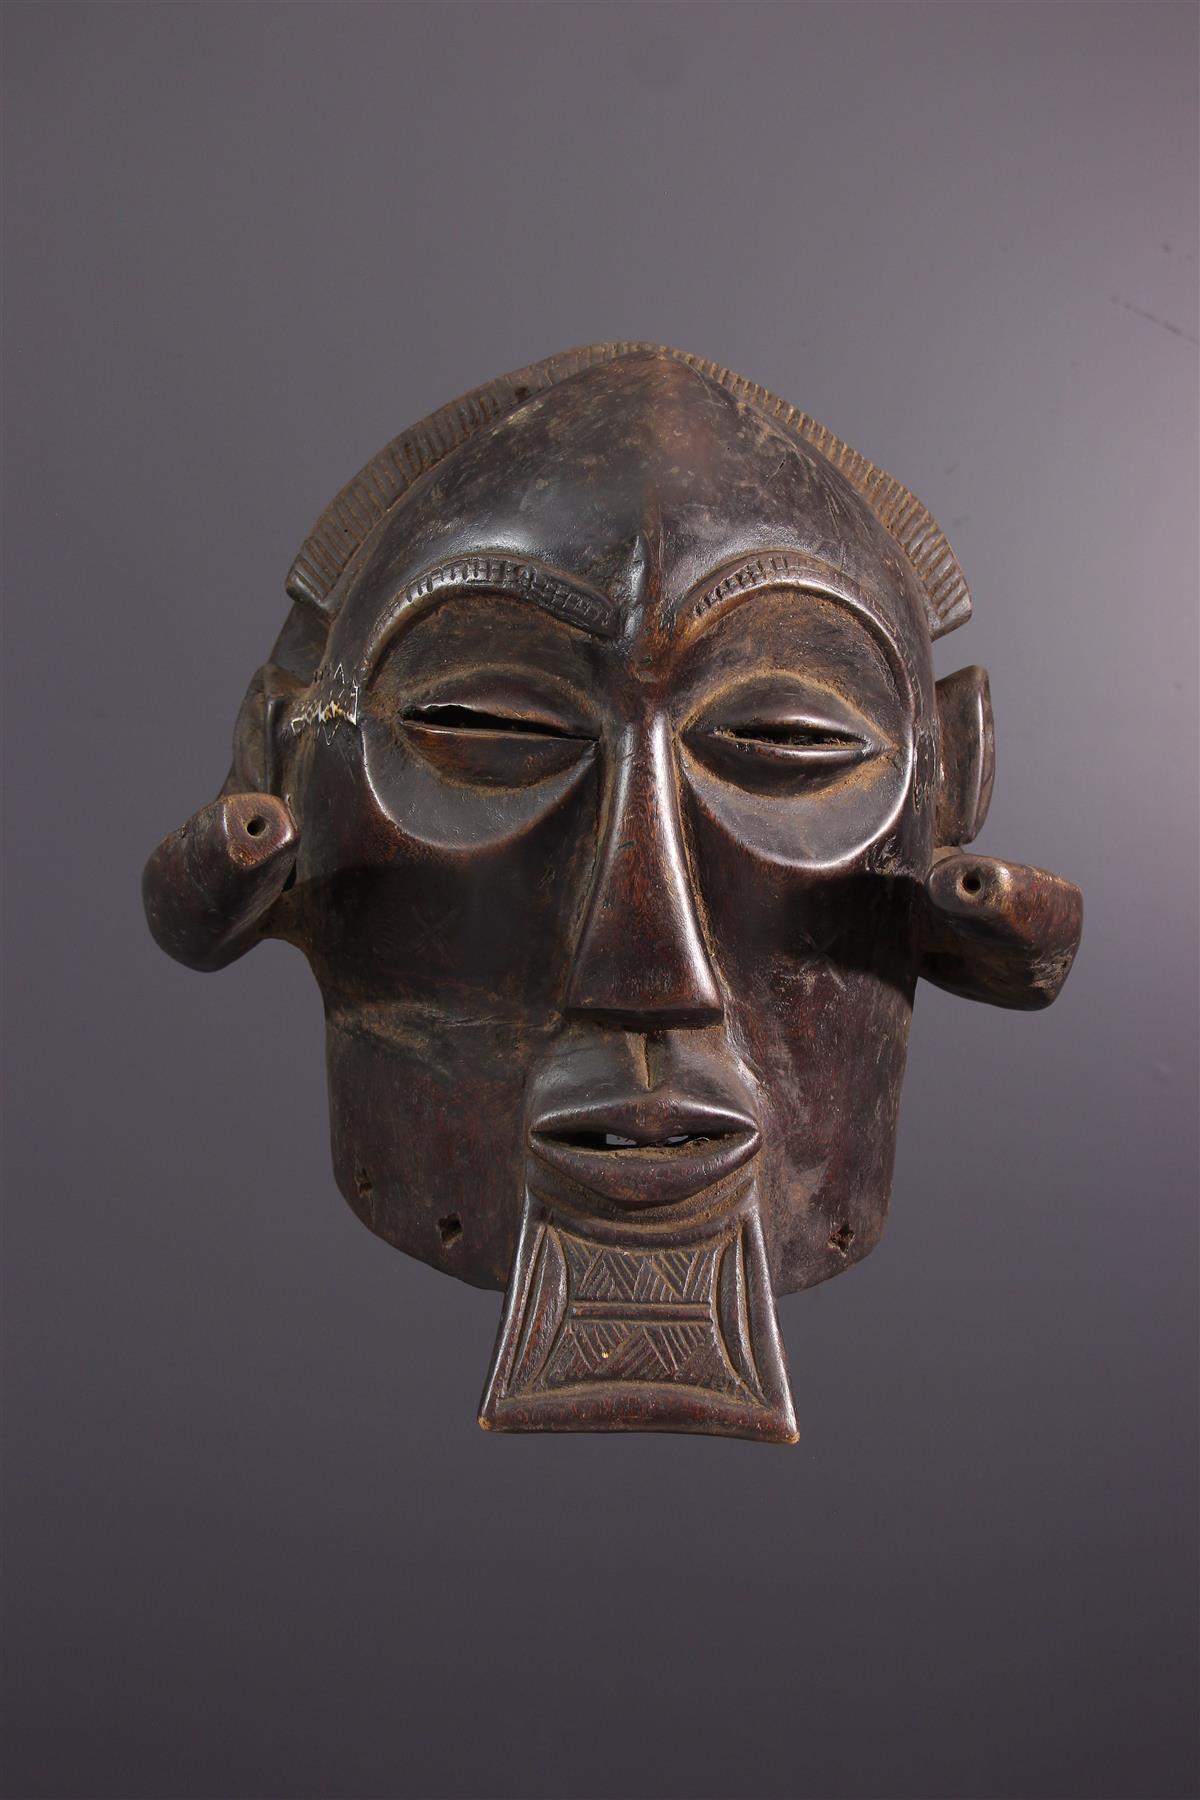 Luba mask - African art